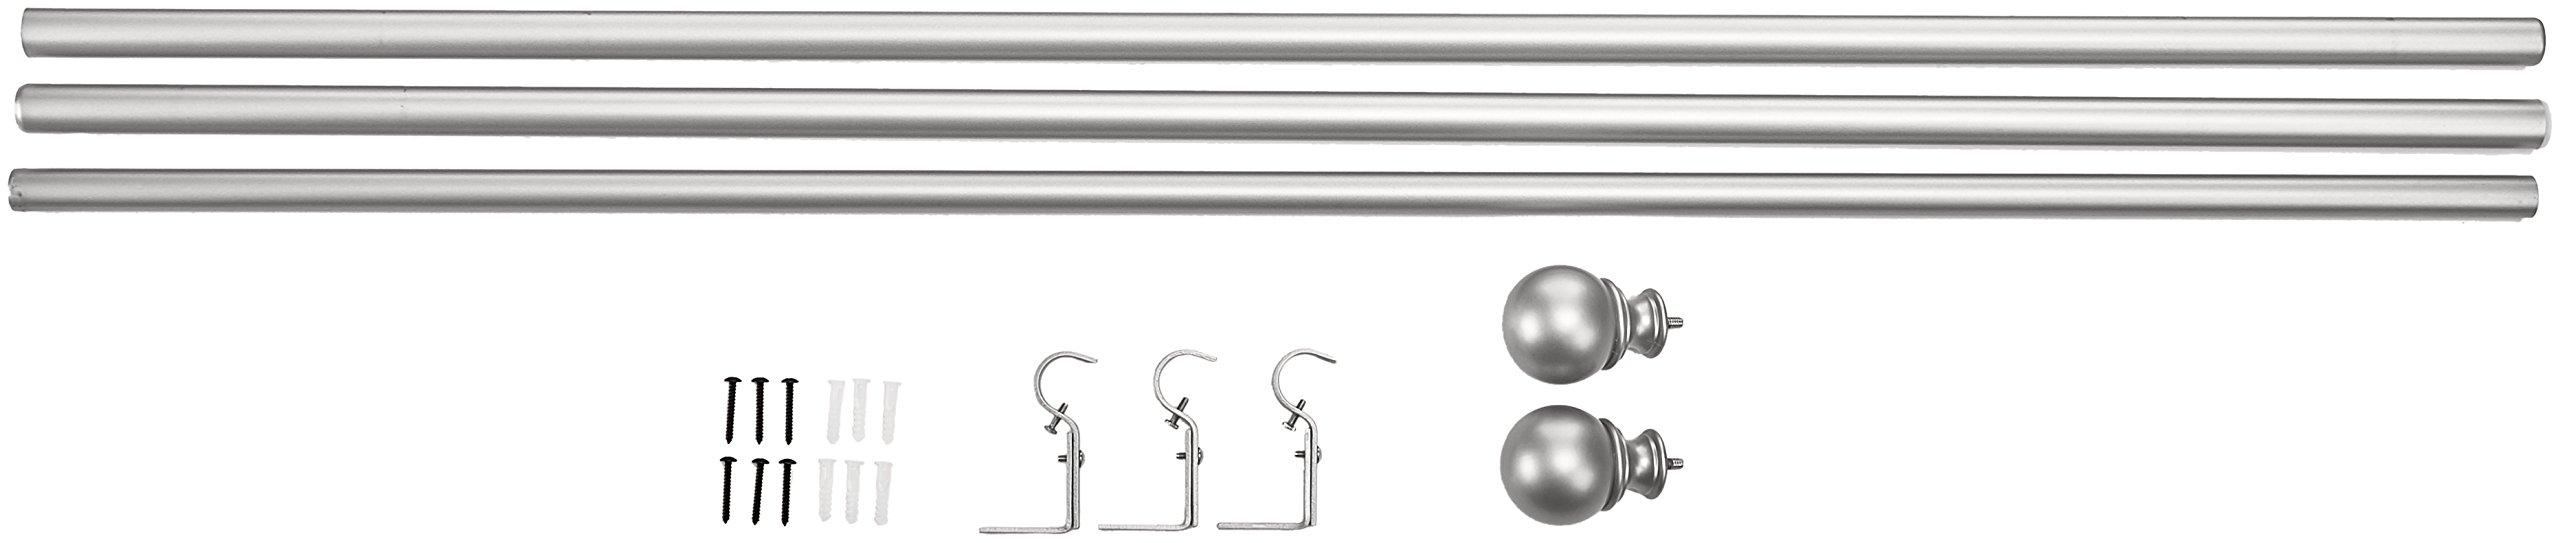 AmazonBasics 1'' Curtain Rod with Round Finials, 72'' to 144'', Nickel by AmazonBasics (Image #6)